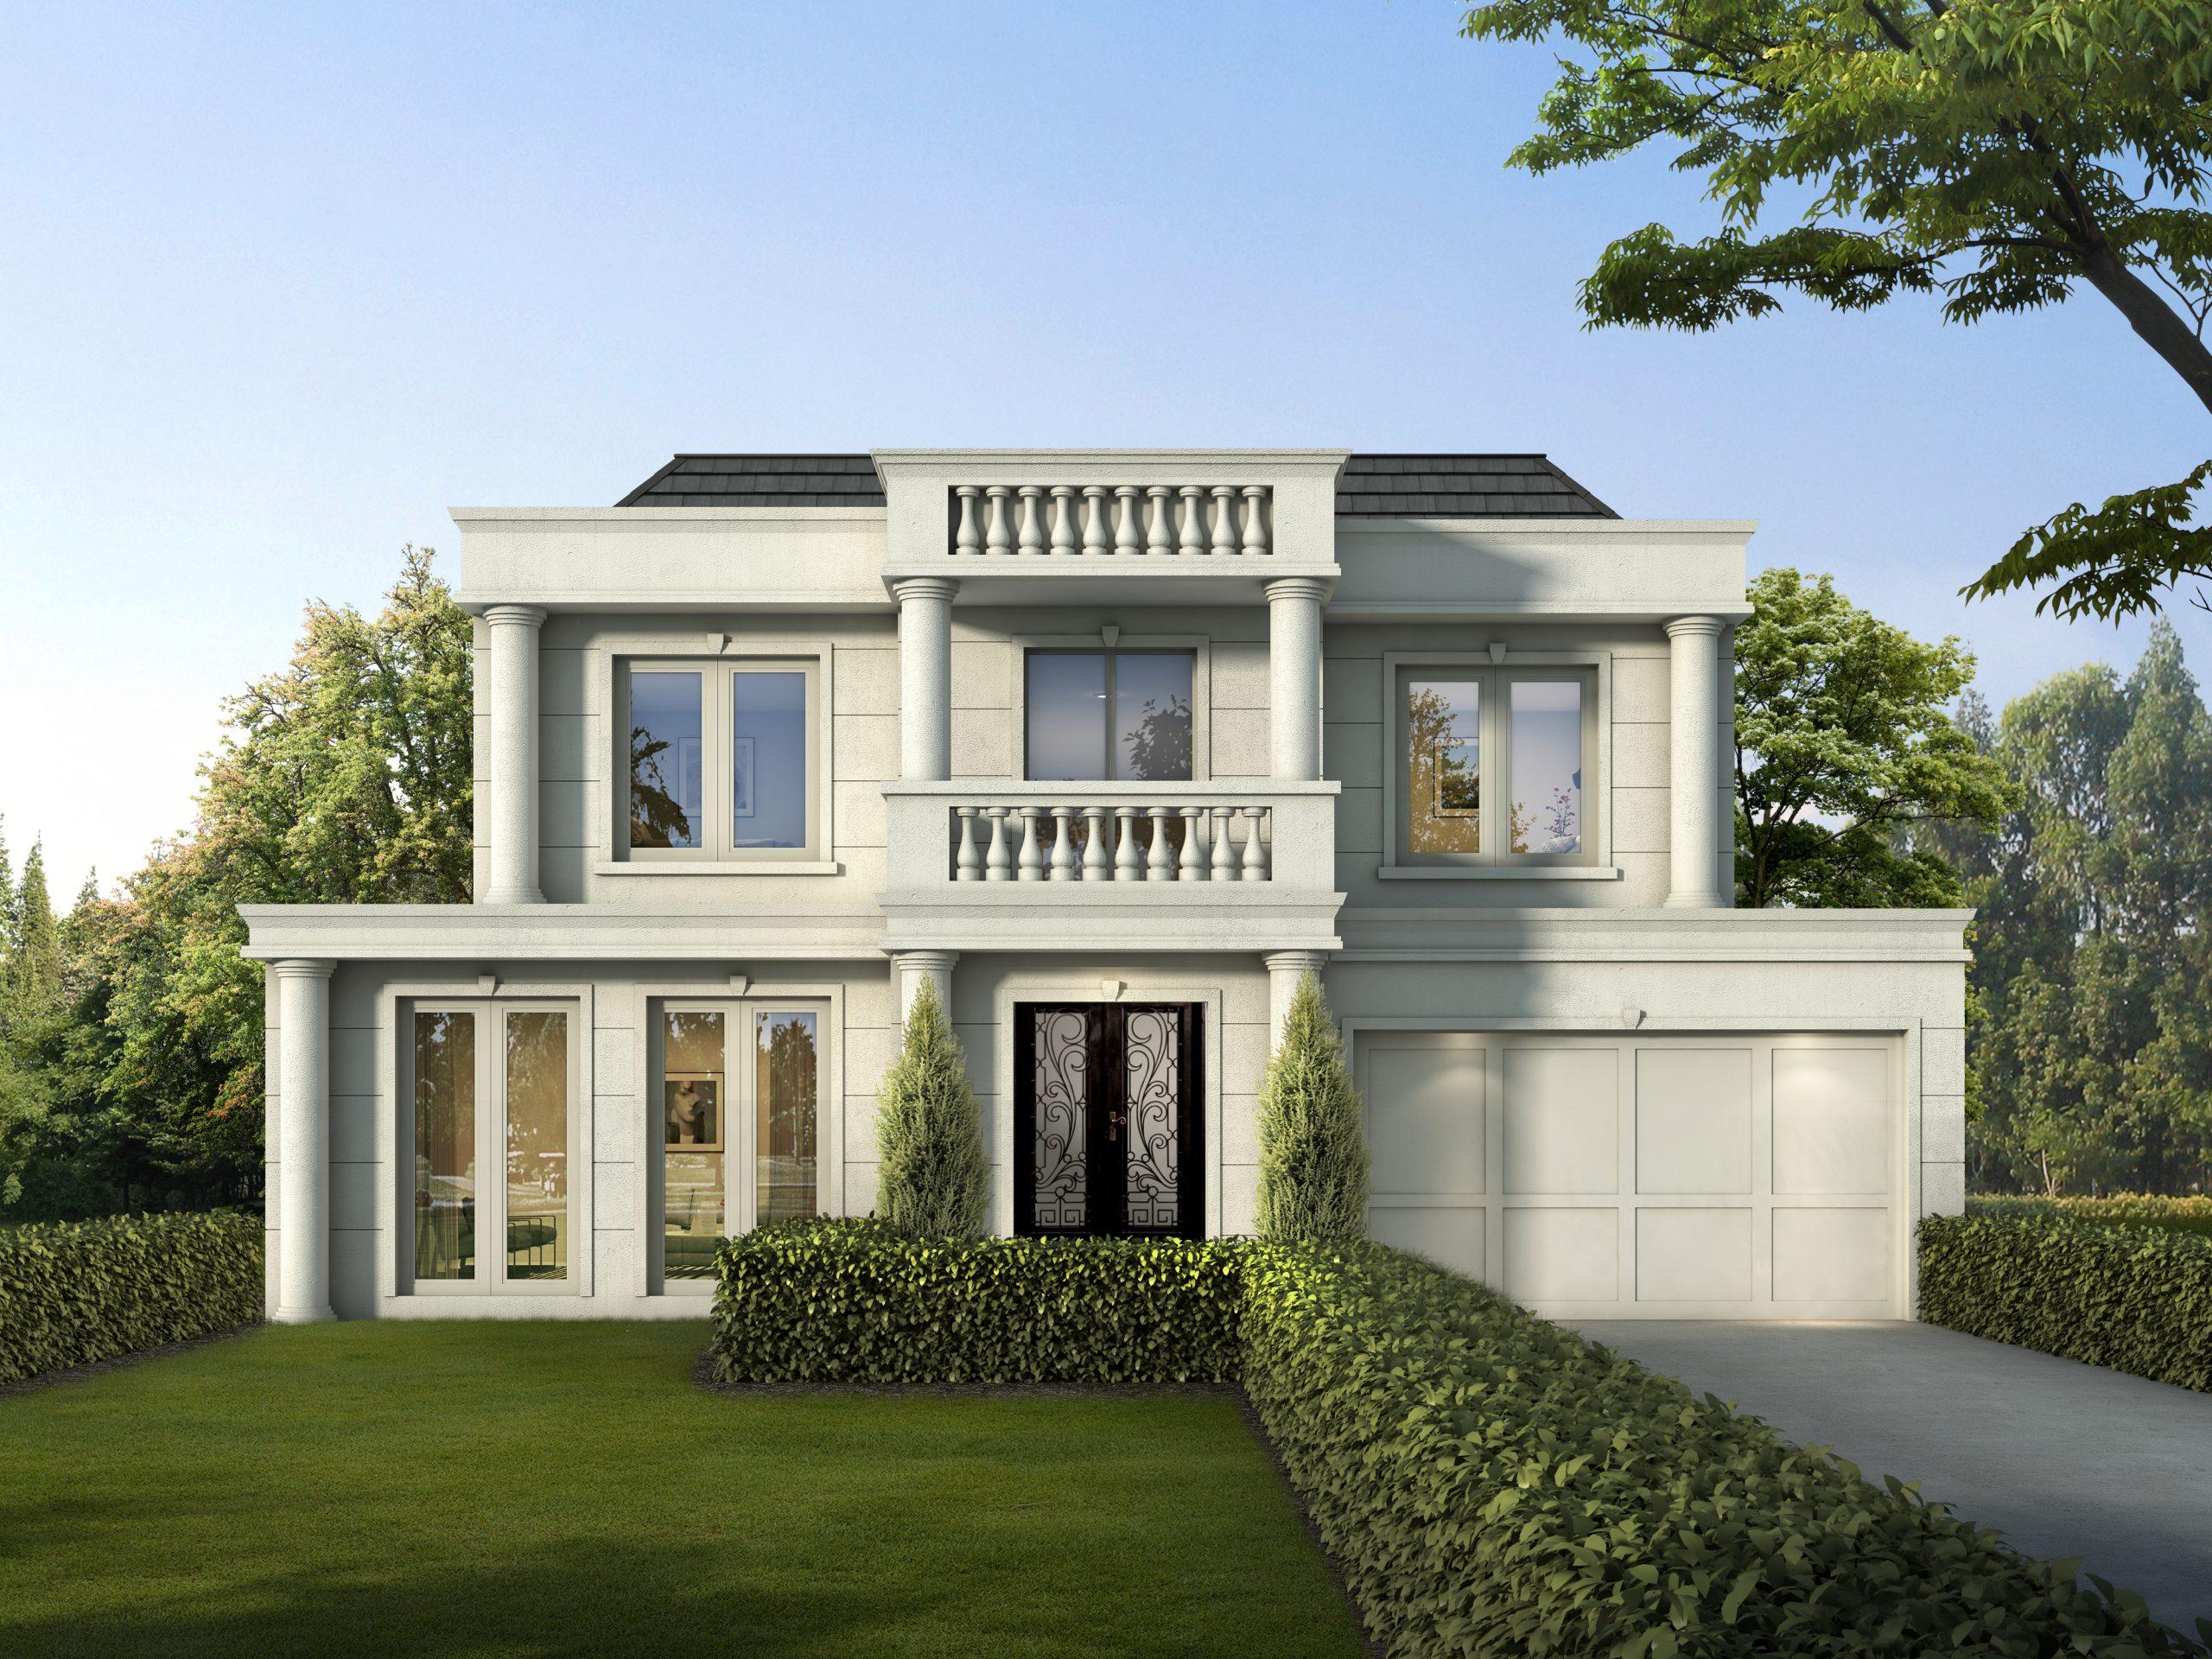 Imperio Due custom home design